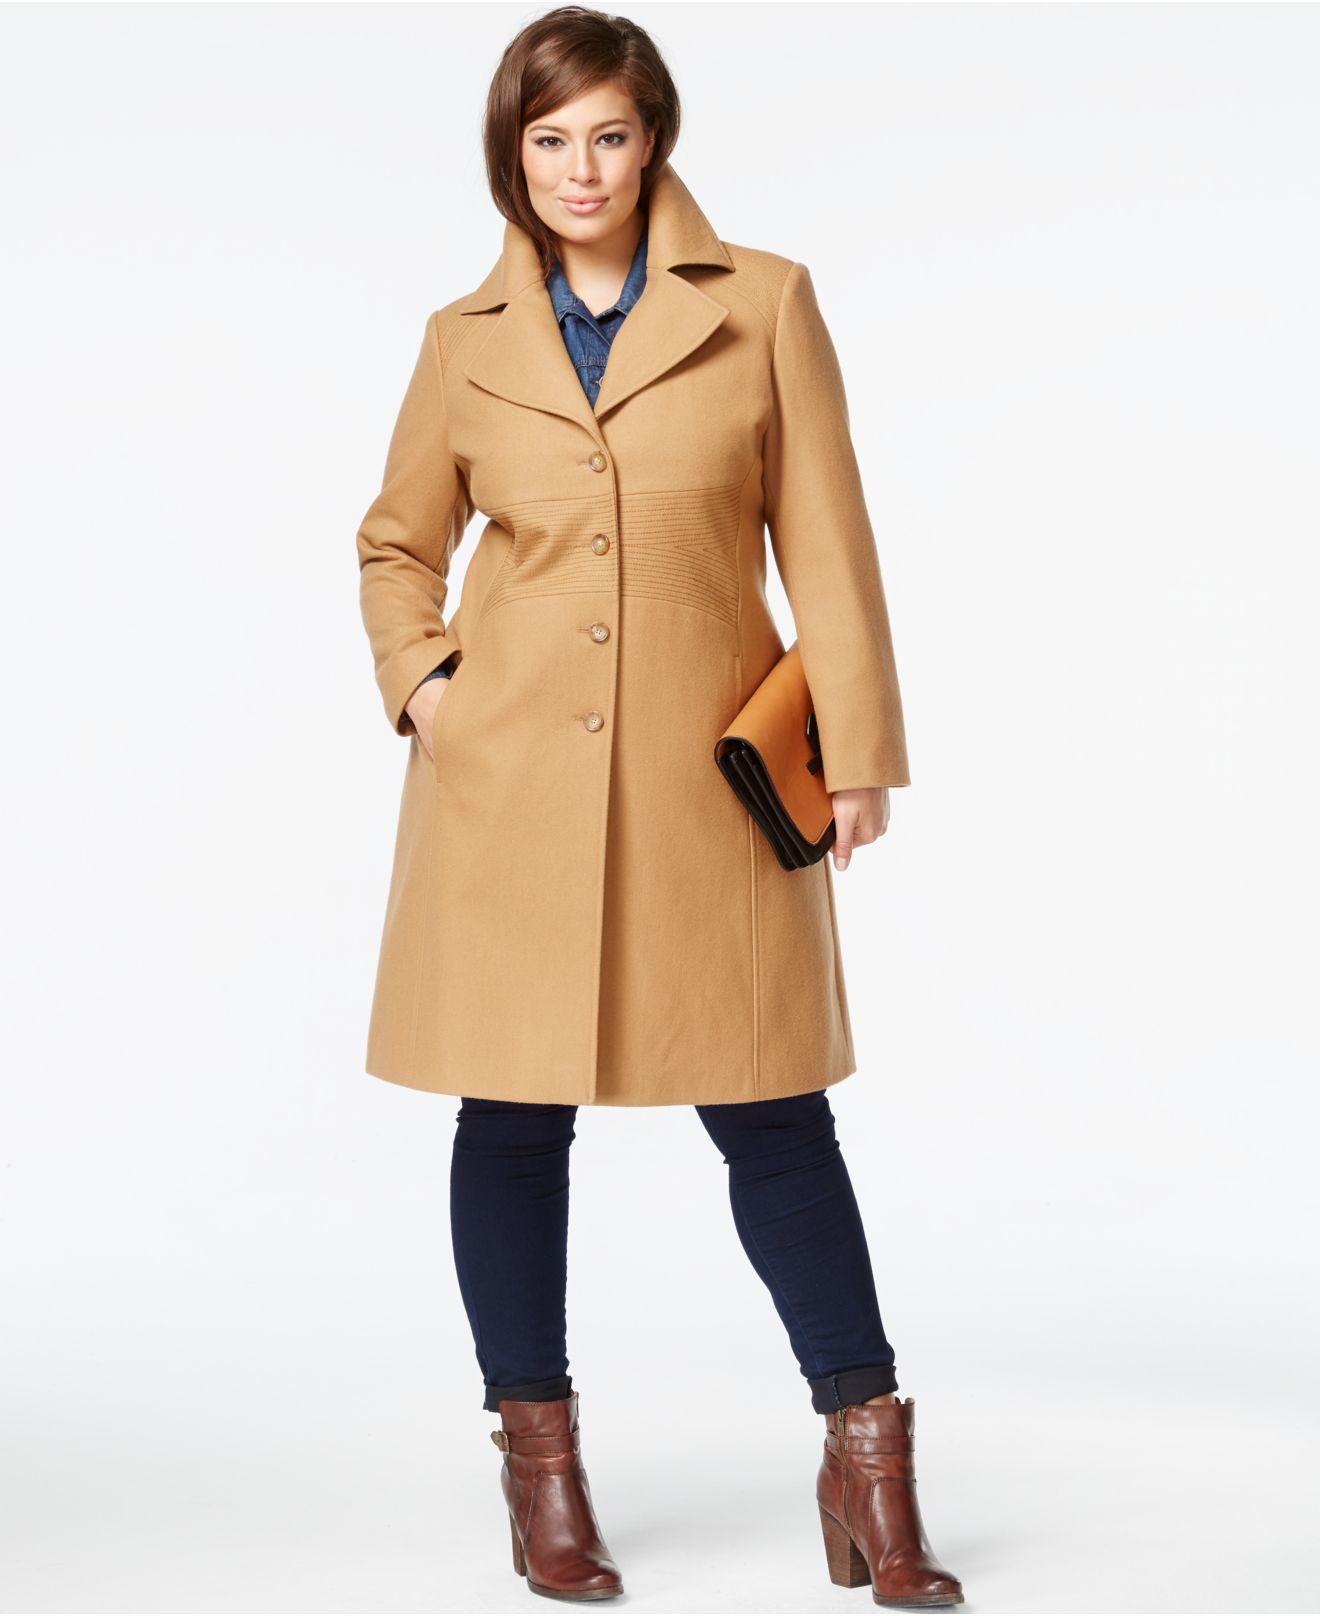 874448af3 Tommy Hilfiger Plus Size Wool-blend Walker Coat in Natural - Lyst